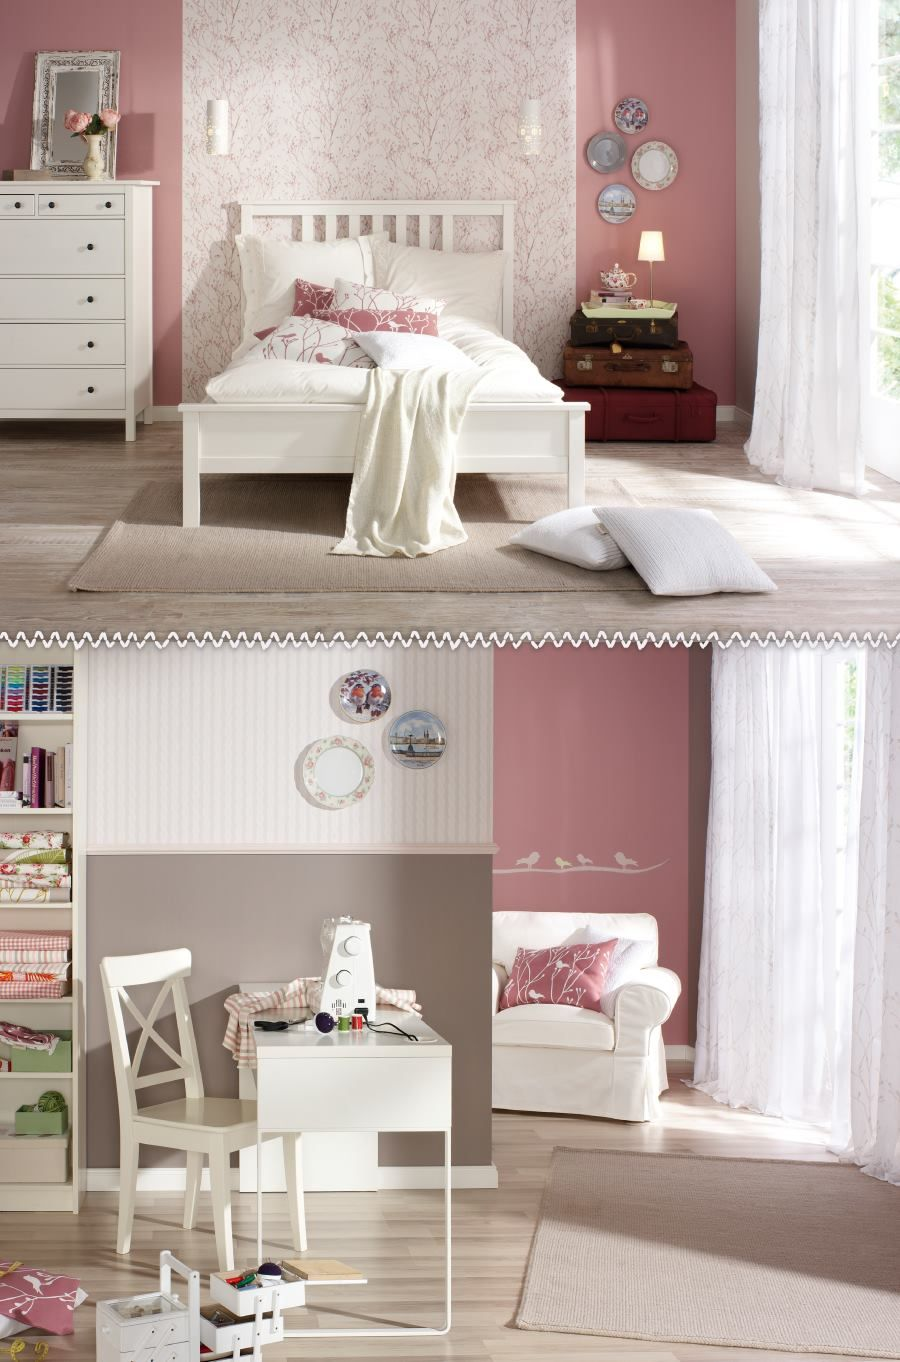 wohnen living einrichten die stilwelt rosarot stiltalent die kollektionslinie der toom. Black Bedroom Furniture Sets. Home Design Ideas